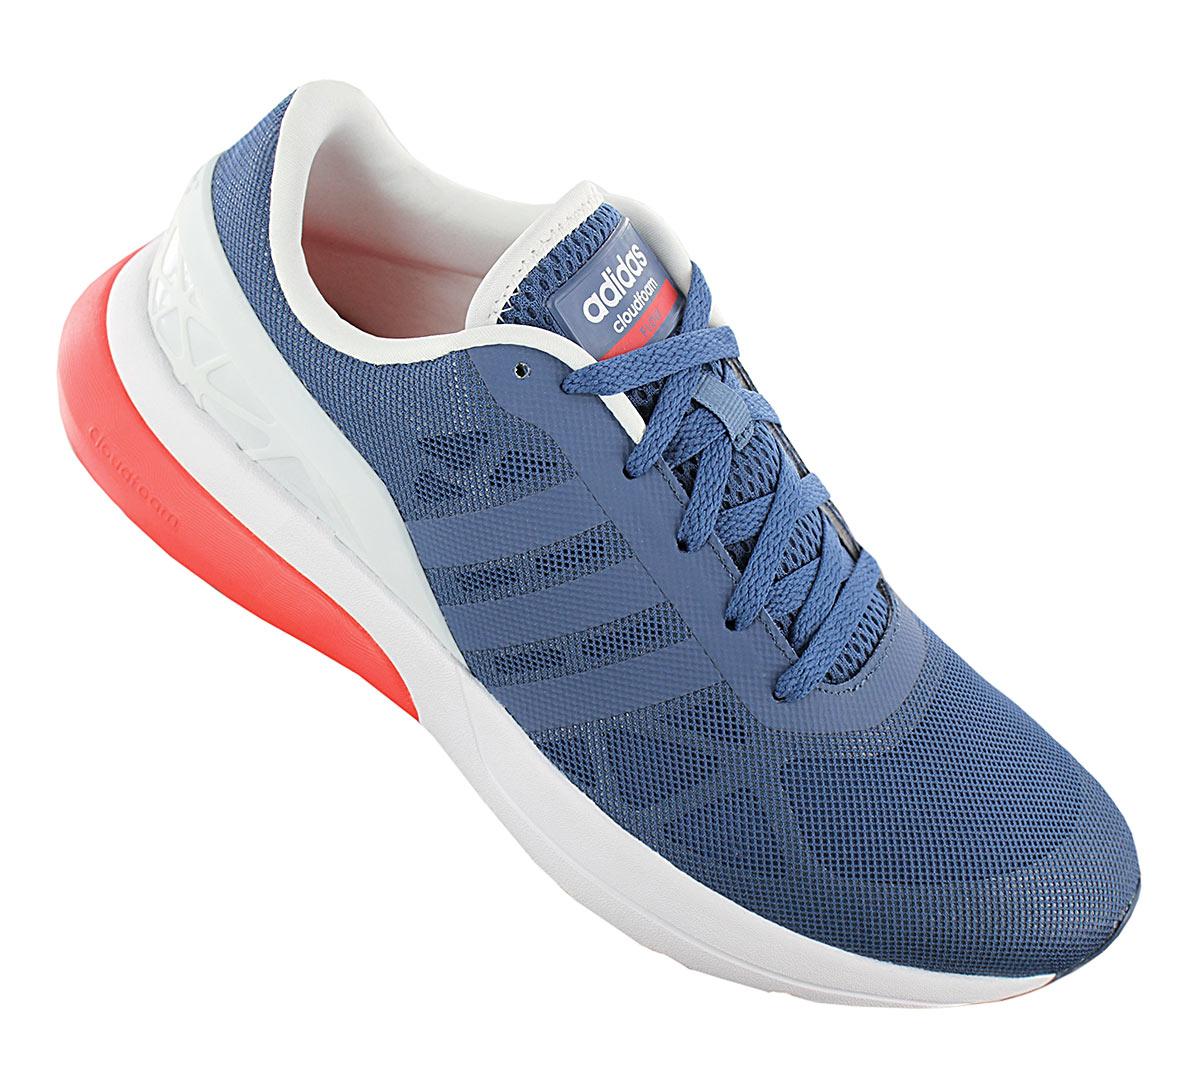 adidas Cloudfoam Sprint Herren Schuhe Sportschuhe Laufschuhe